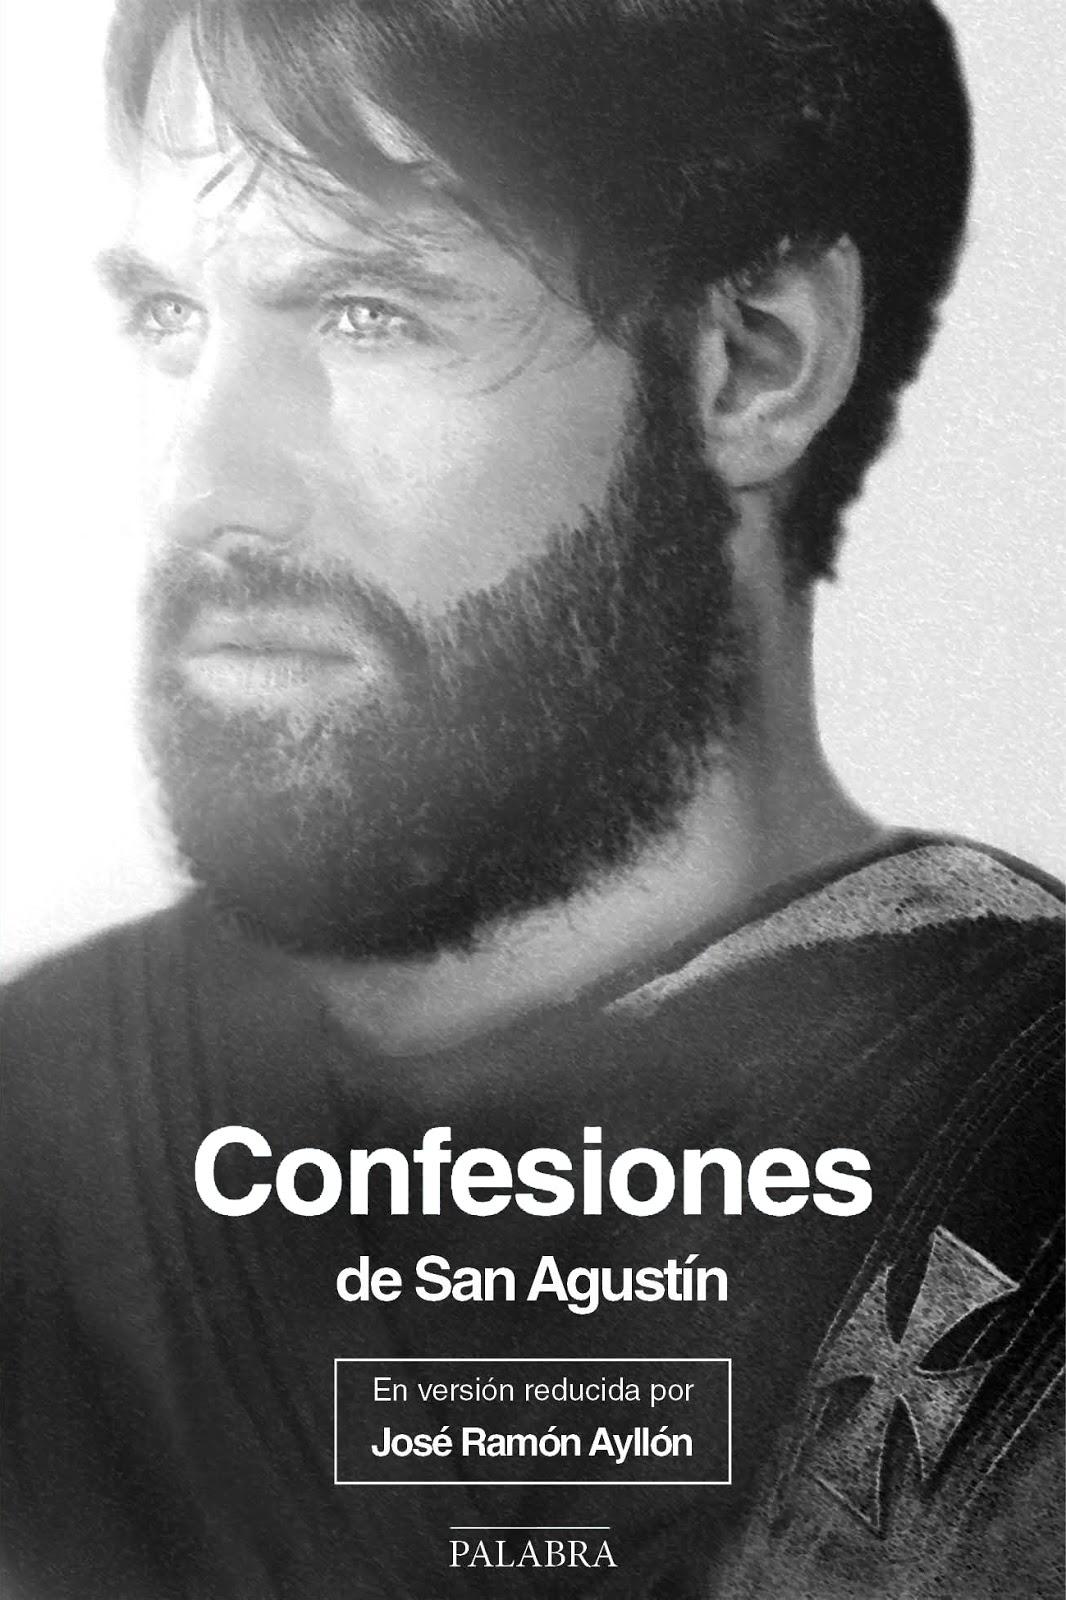 ¿Quién fue San Agustín? Entrevista a José Ramón Ayllón 1